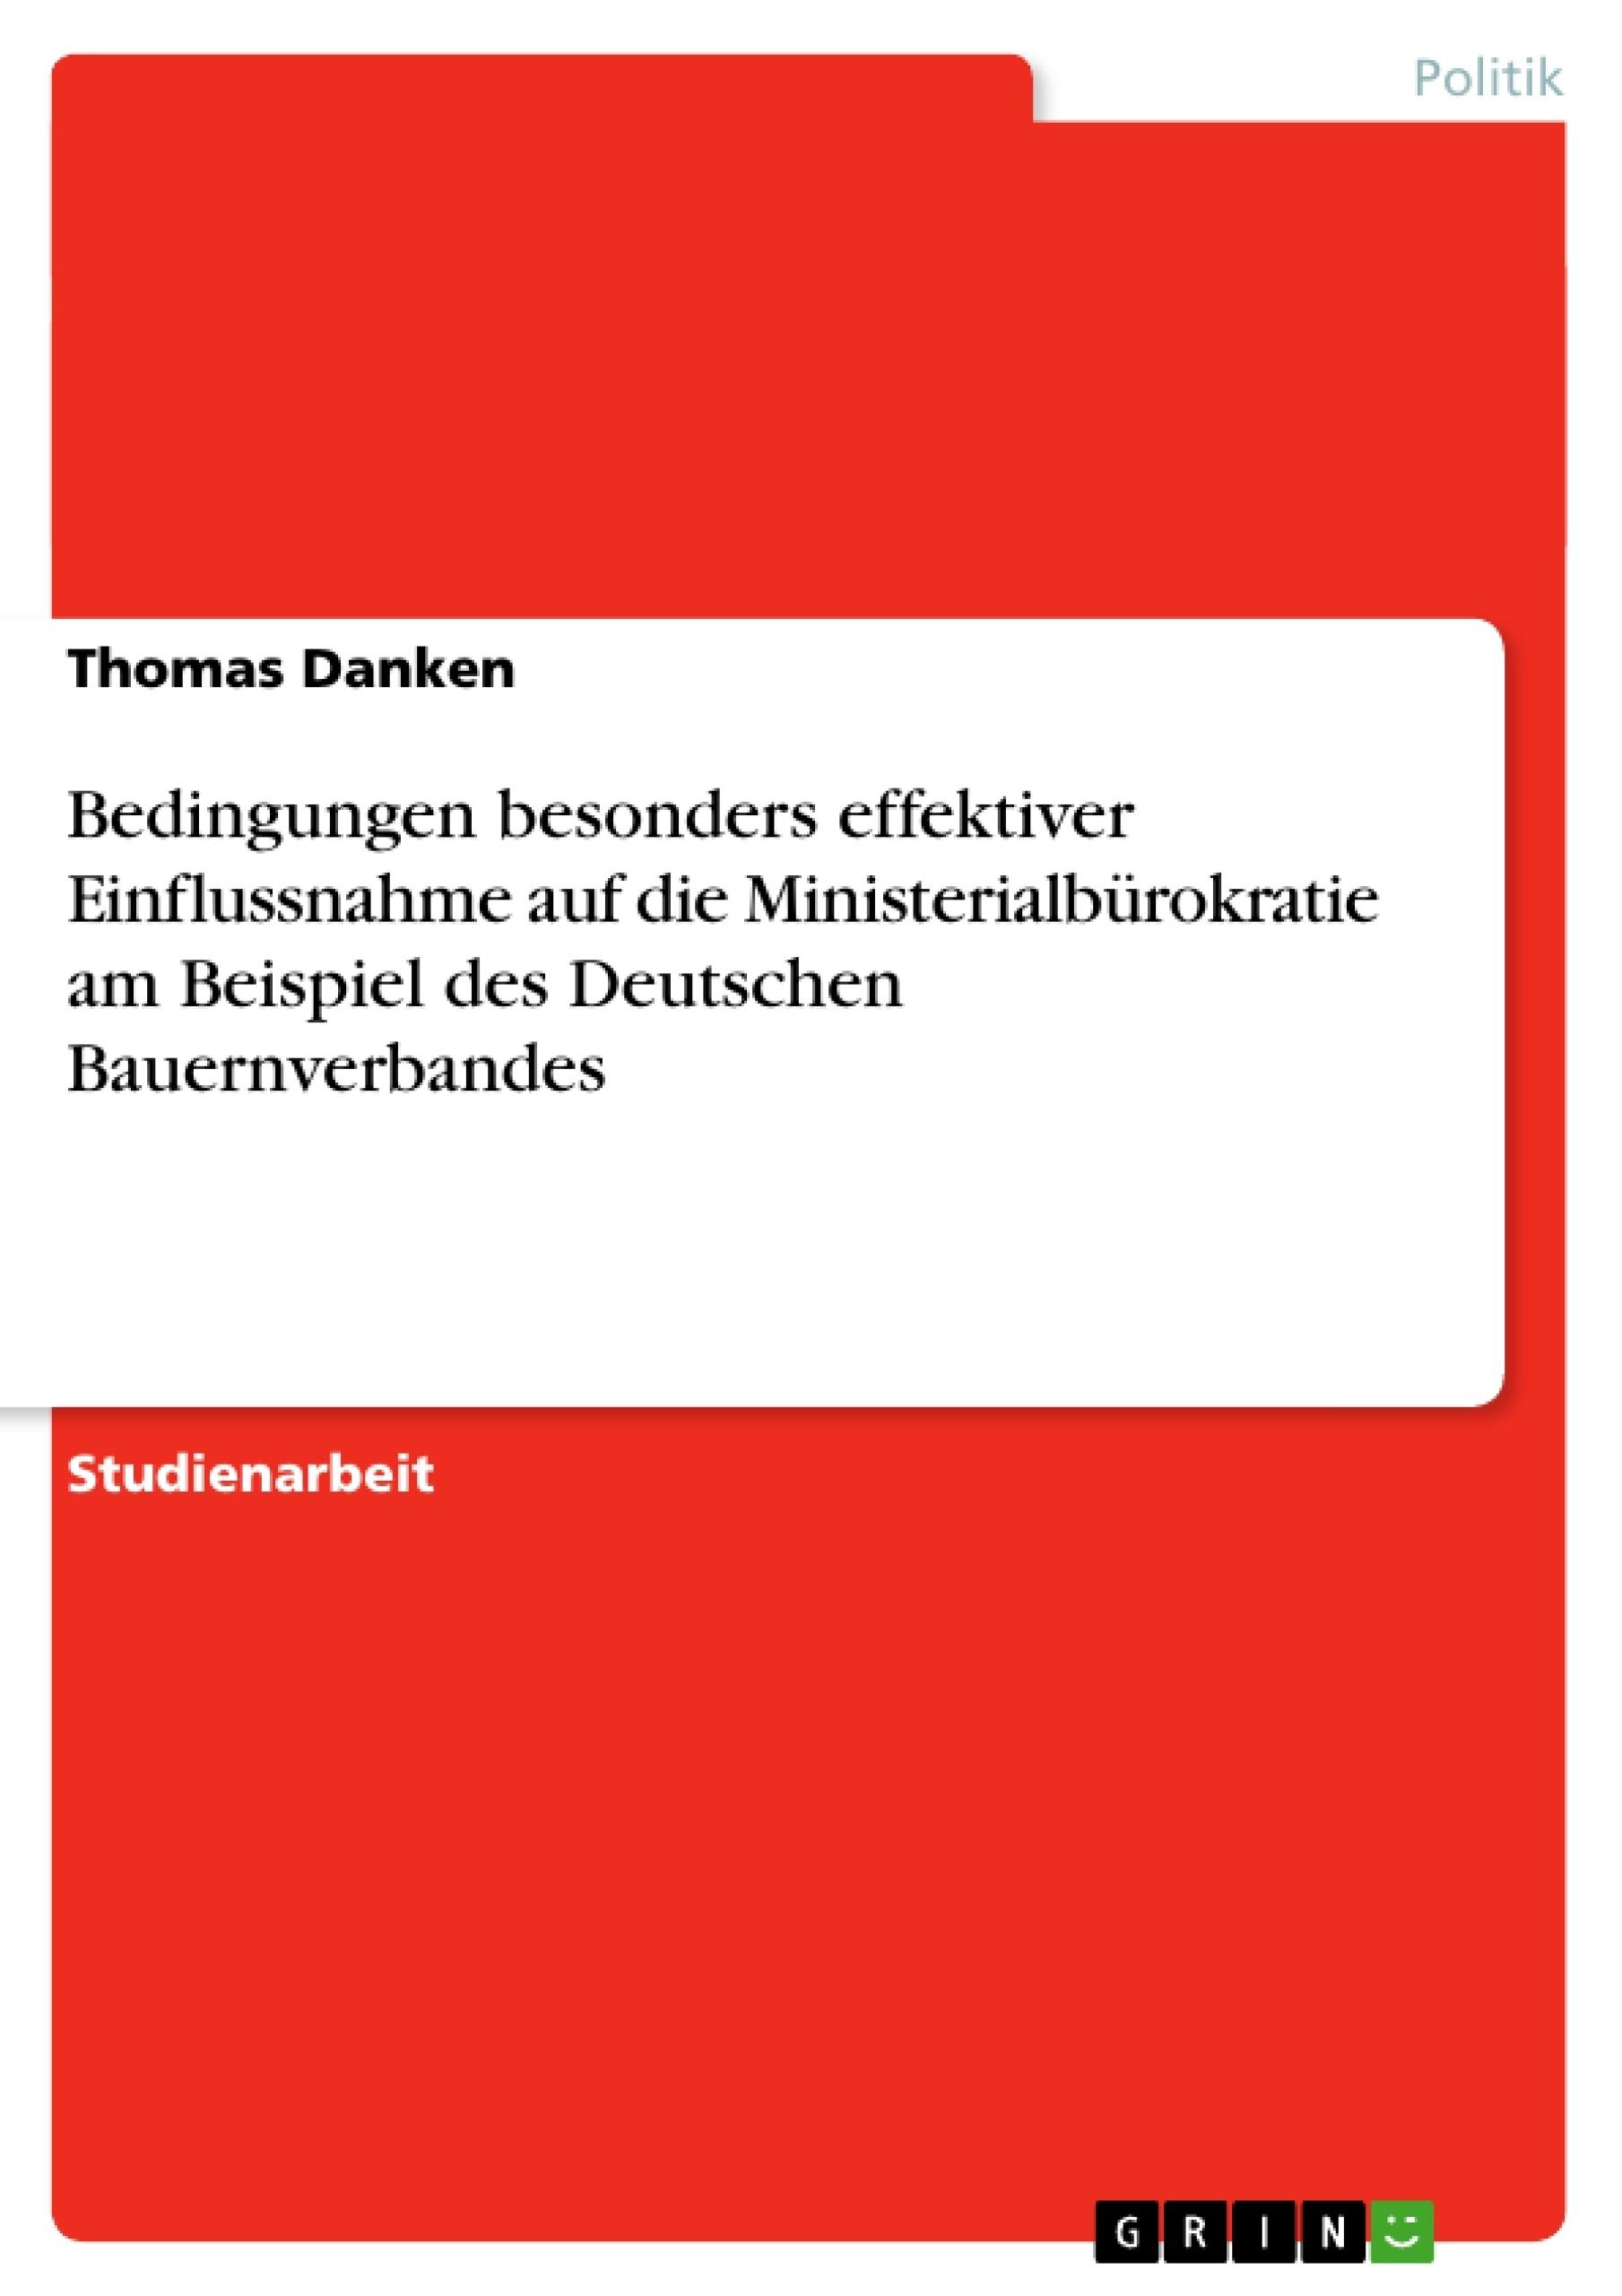 Titel: Bedingungen besonders effektiver Einflussnahme auf die Ministerialbürokratie am Beispiel des Deutschen Bauernverbandes